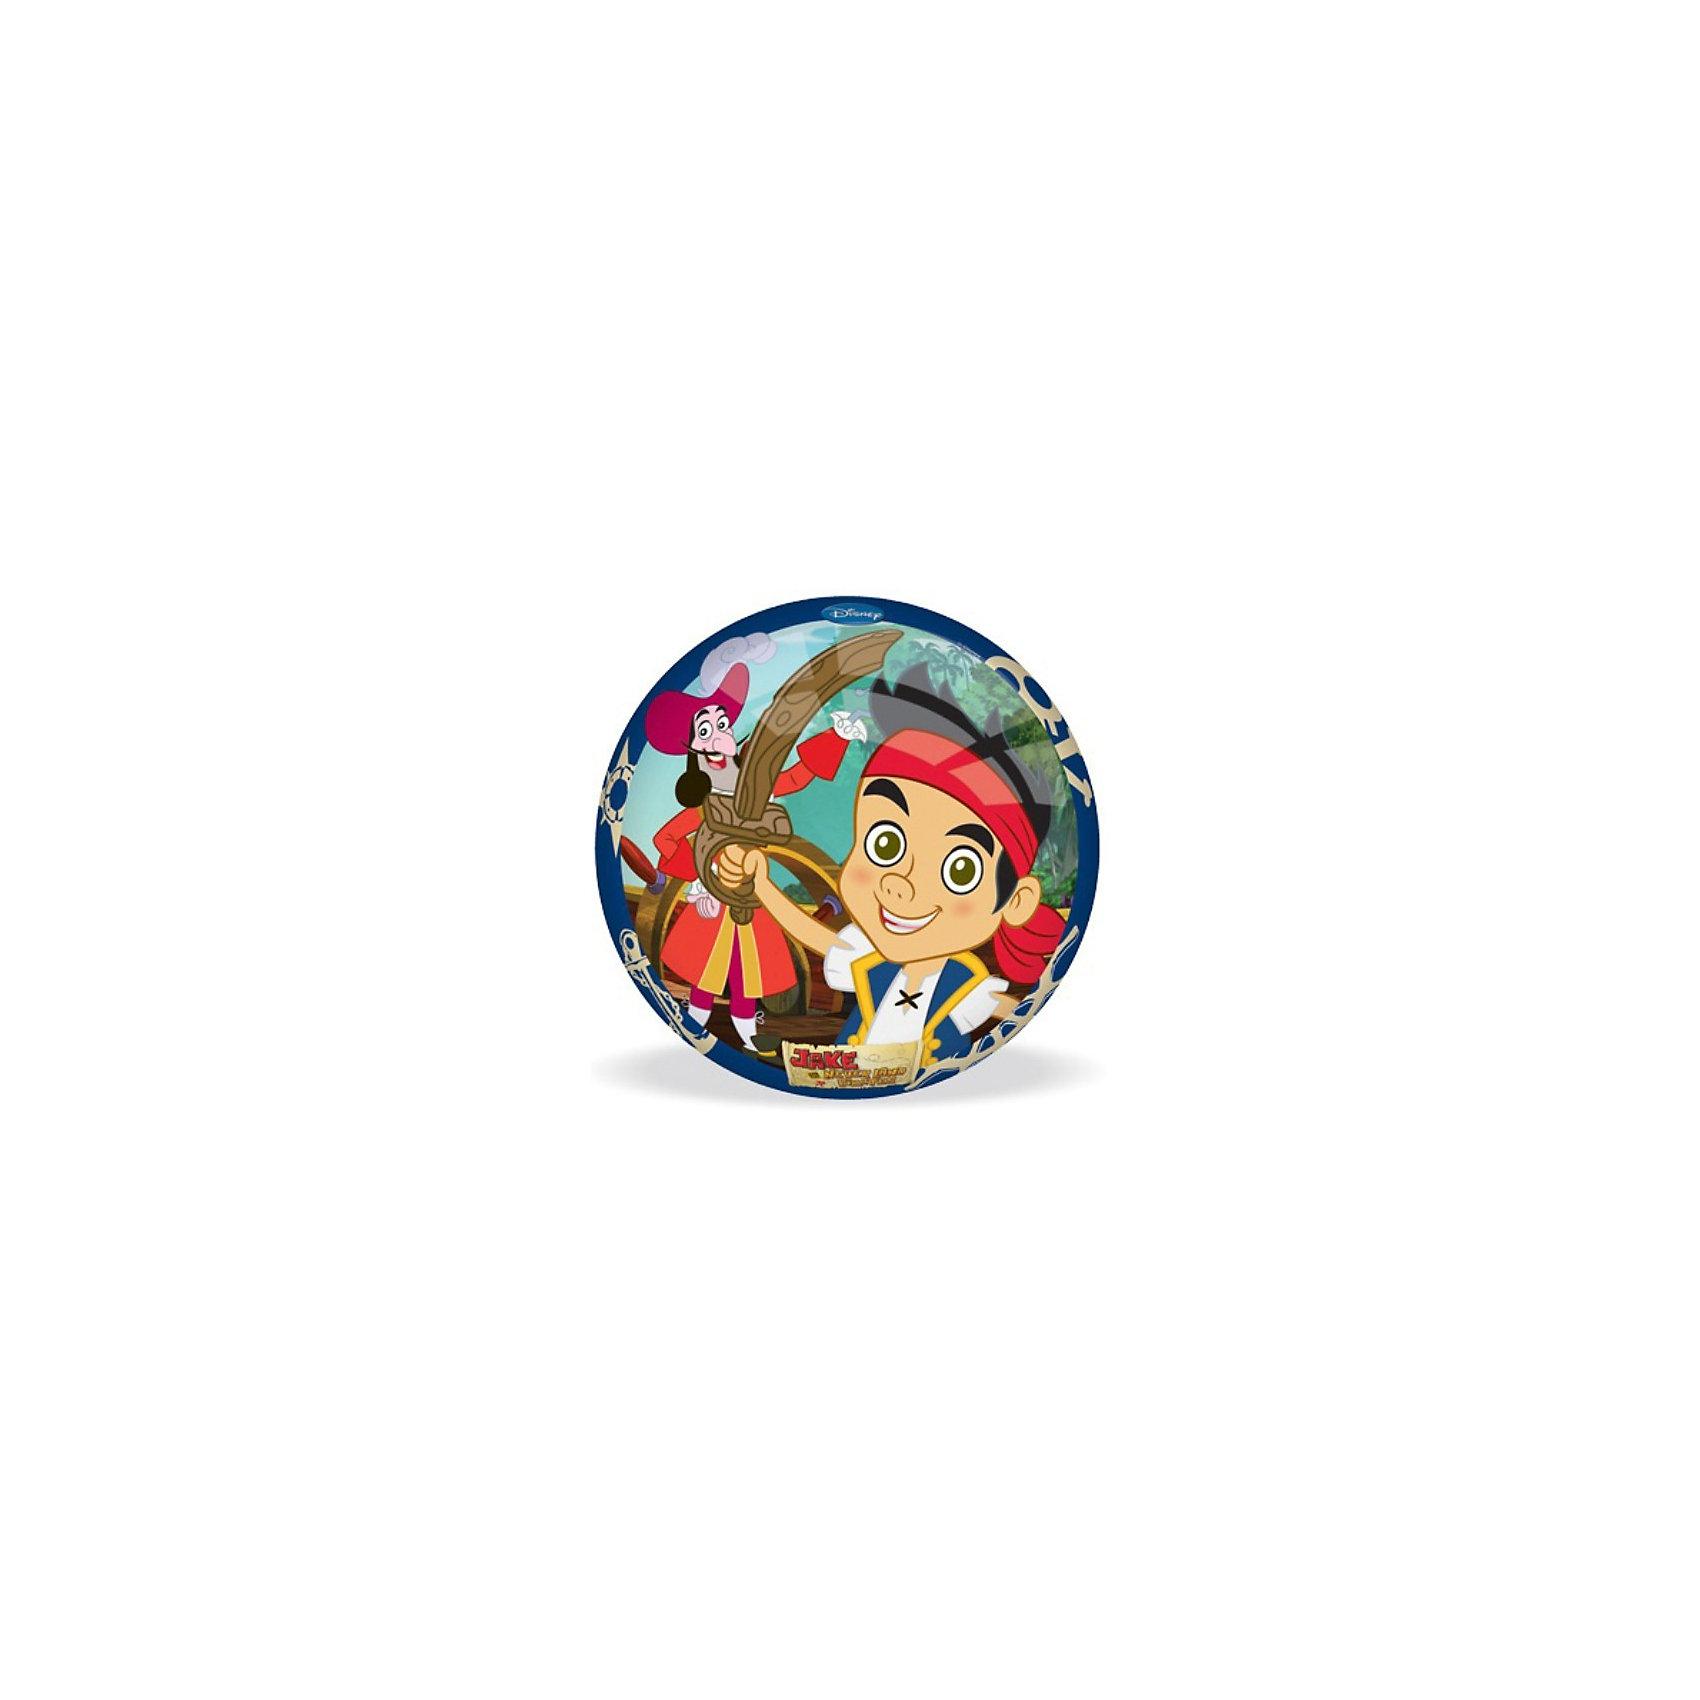 Мяч, 14 см, Джейк и Пираты Нетландии, в ассорт.Игра в мяч - одна из самых популярных у всех детей. Она прекрасно развивает координацию движения, моторику рук и ног. <br>Мяч «Джейк и Пираты Нетландии» от итальянской компании «Mondo» выполнен из резины высокого качества. <br>Мячик украшен  яркой картинкой из популярного мультфильма «Джейк и Пираты Нетландии».<br><br>Дополнительная информация:<br><br>- Диаметр мяча: 14 см<br><br>ВНИМАНИЕ: Данный артикул представлен в разных цветовых исполнениях. Заранее выбрать определенный цвет нельзя. При заказе нескольких мячей возможно получение одинаковых.<br><br>Мяч, 14 см, Джейк и Пираты Нетландии, в ассорт. можно купить в нашем магазине.<br><br>Ширина мм: 150<br>Глубина мм: 150<br>Высота мм: 150<br>Вес г: 90<br>Возраст от месяцев: 36<br>Возраст до месяцев: 1188<br>Пол: Унисекс<br>Возраст: Детский<br>SKU: 3520776